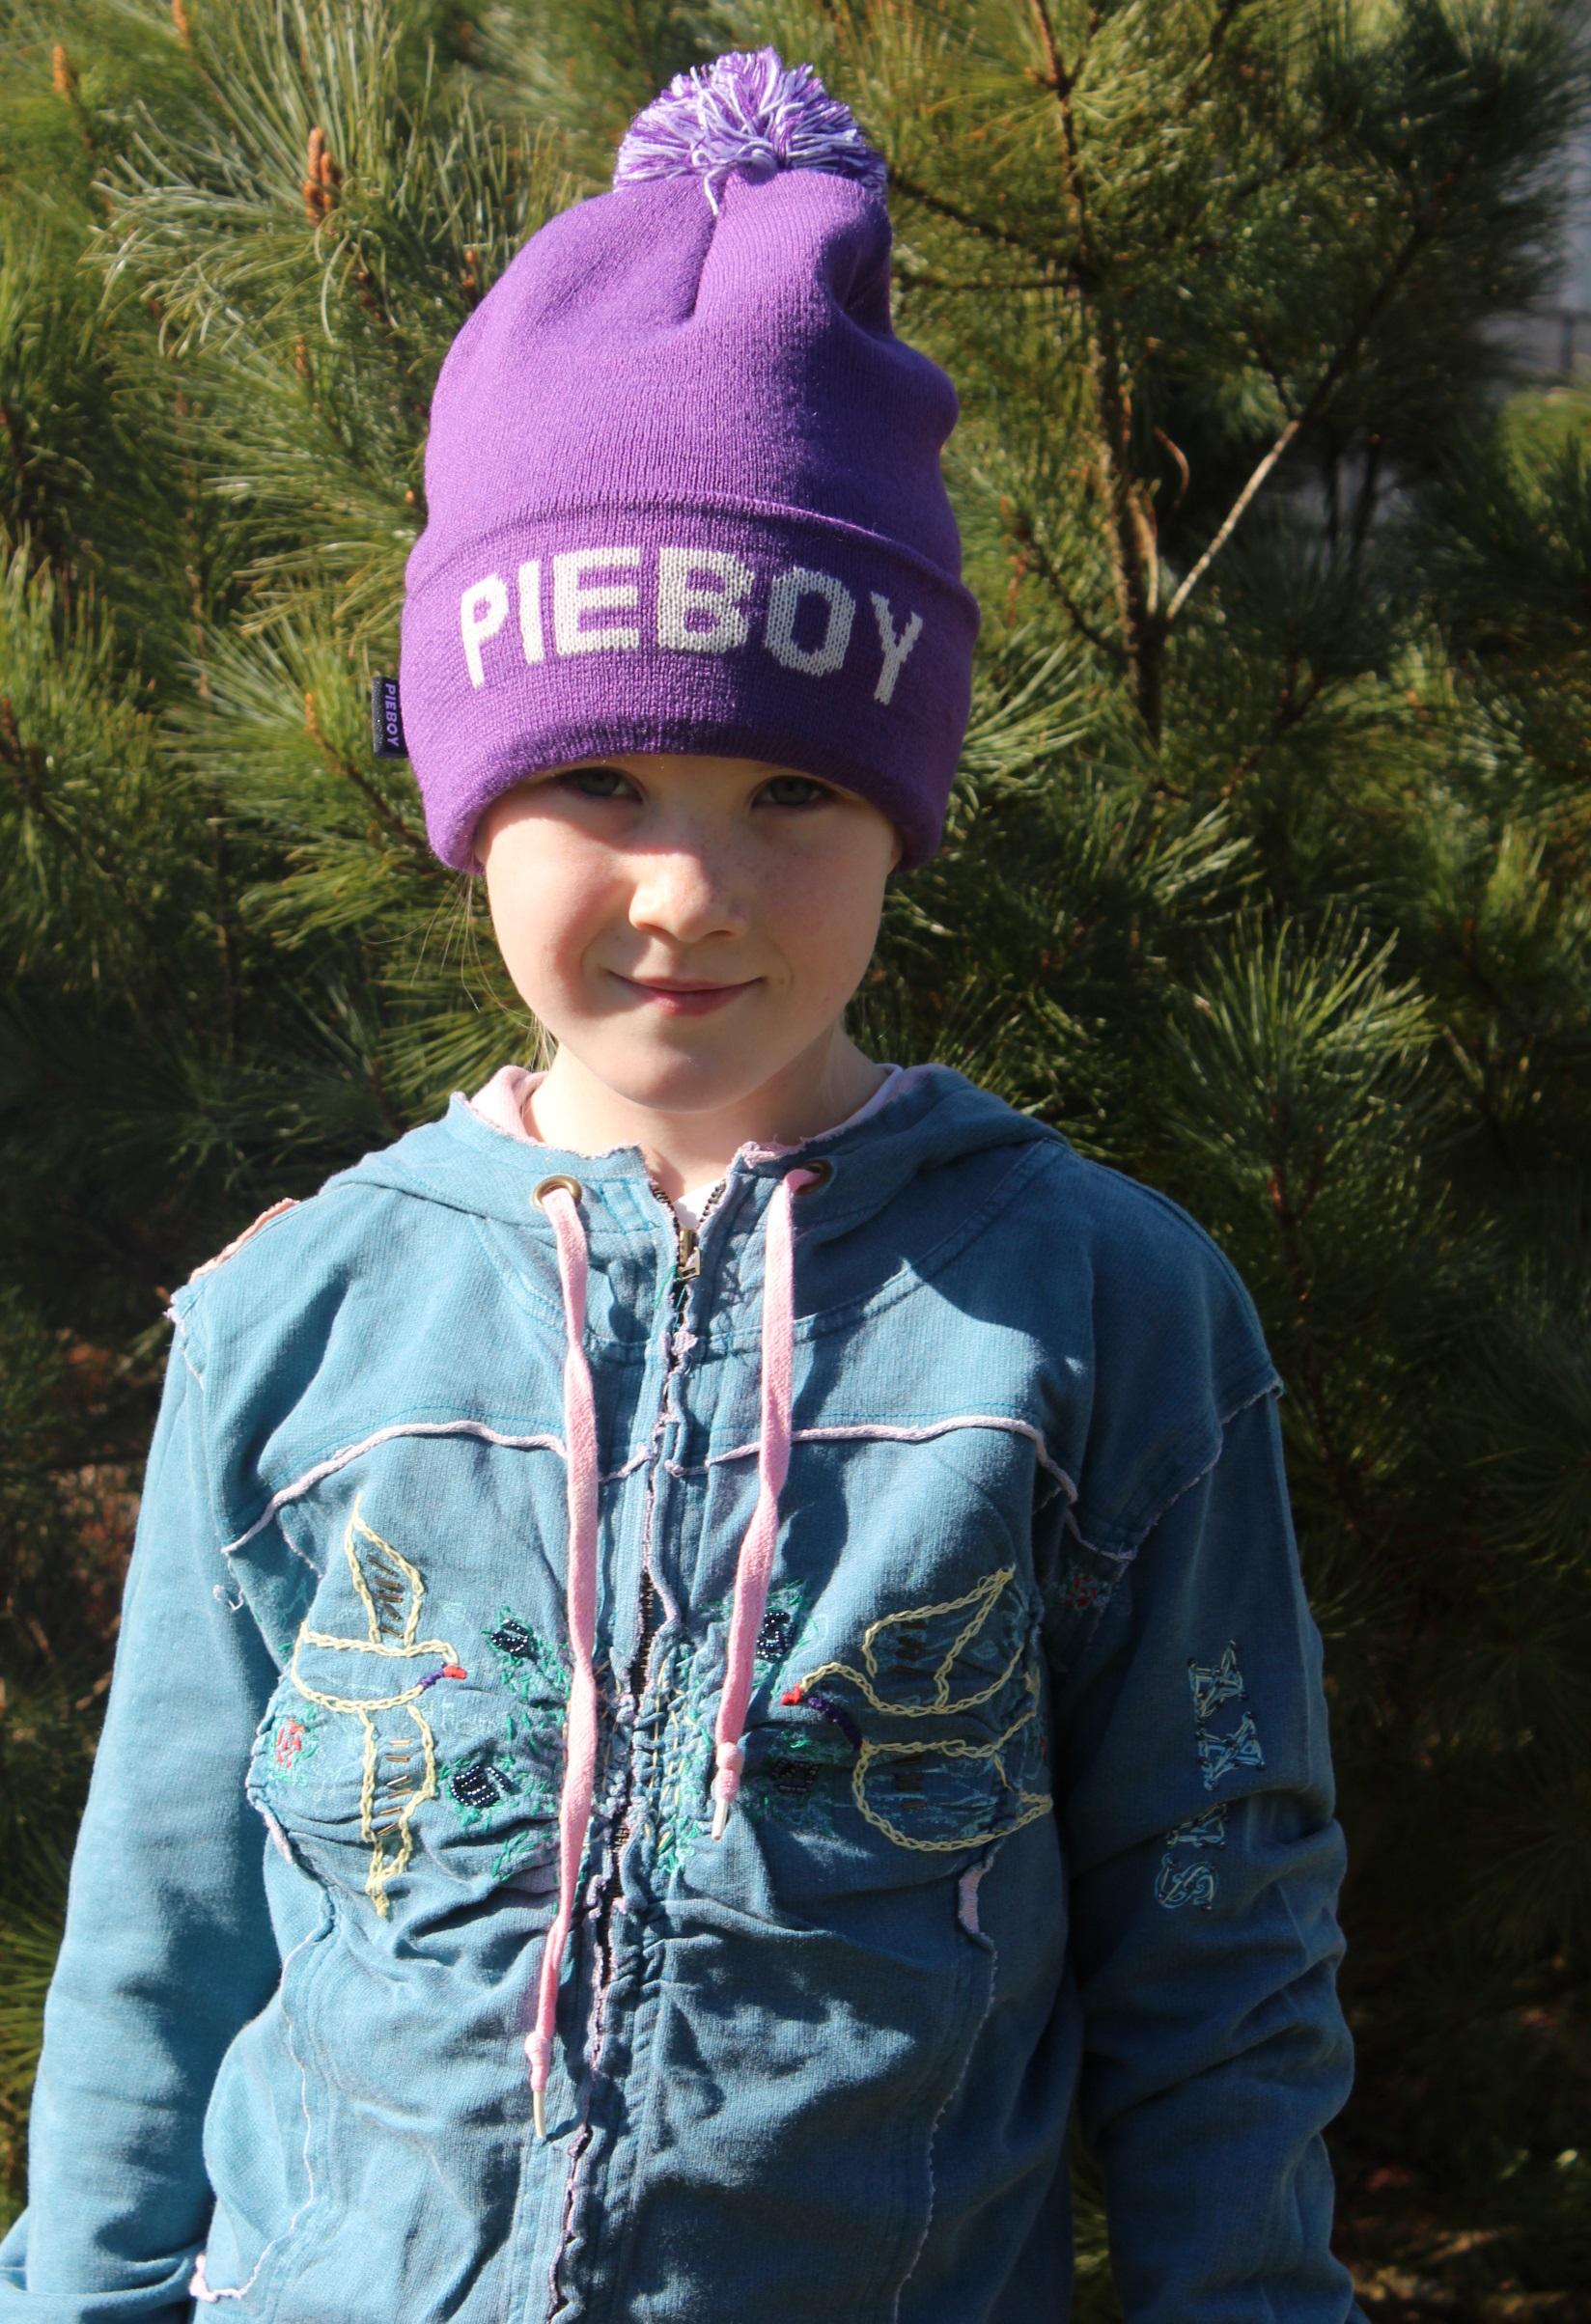 Estella Elisheva for Pieboy